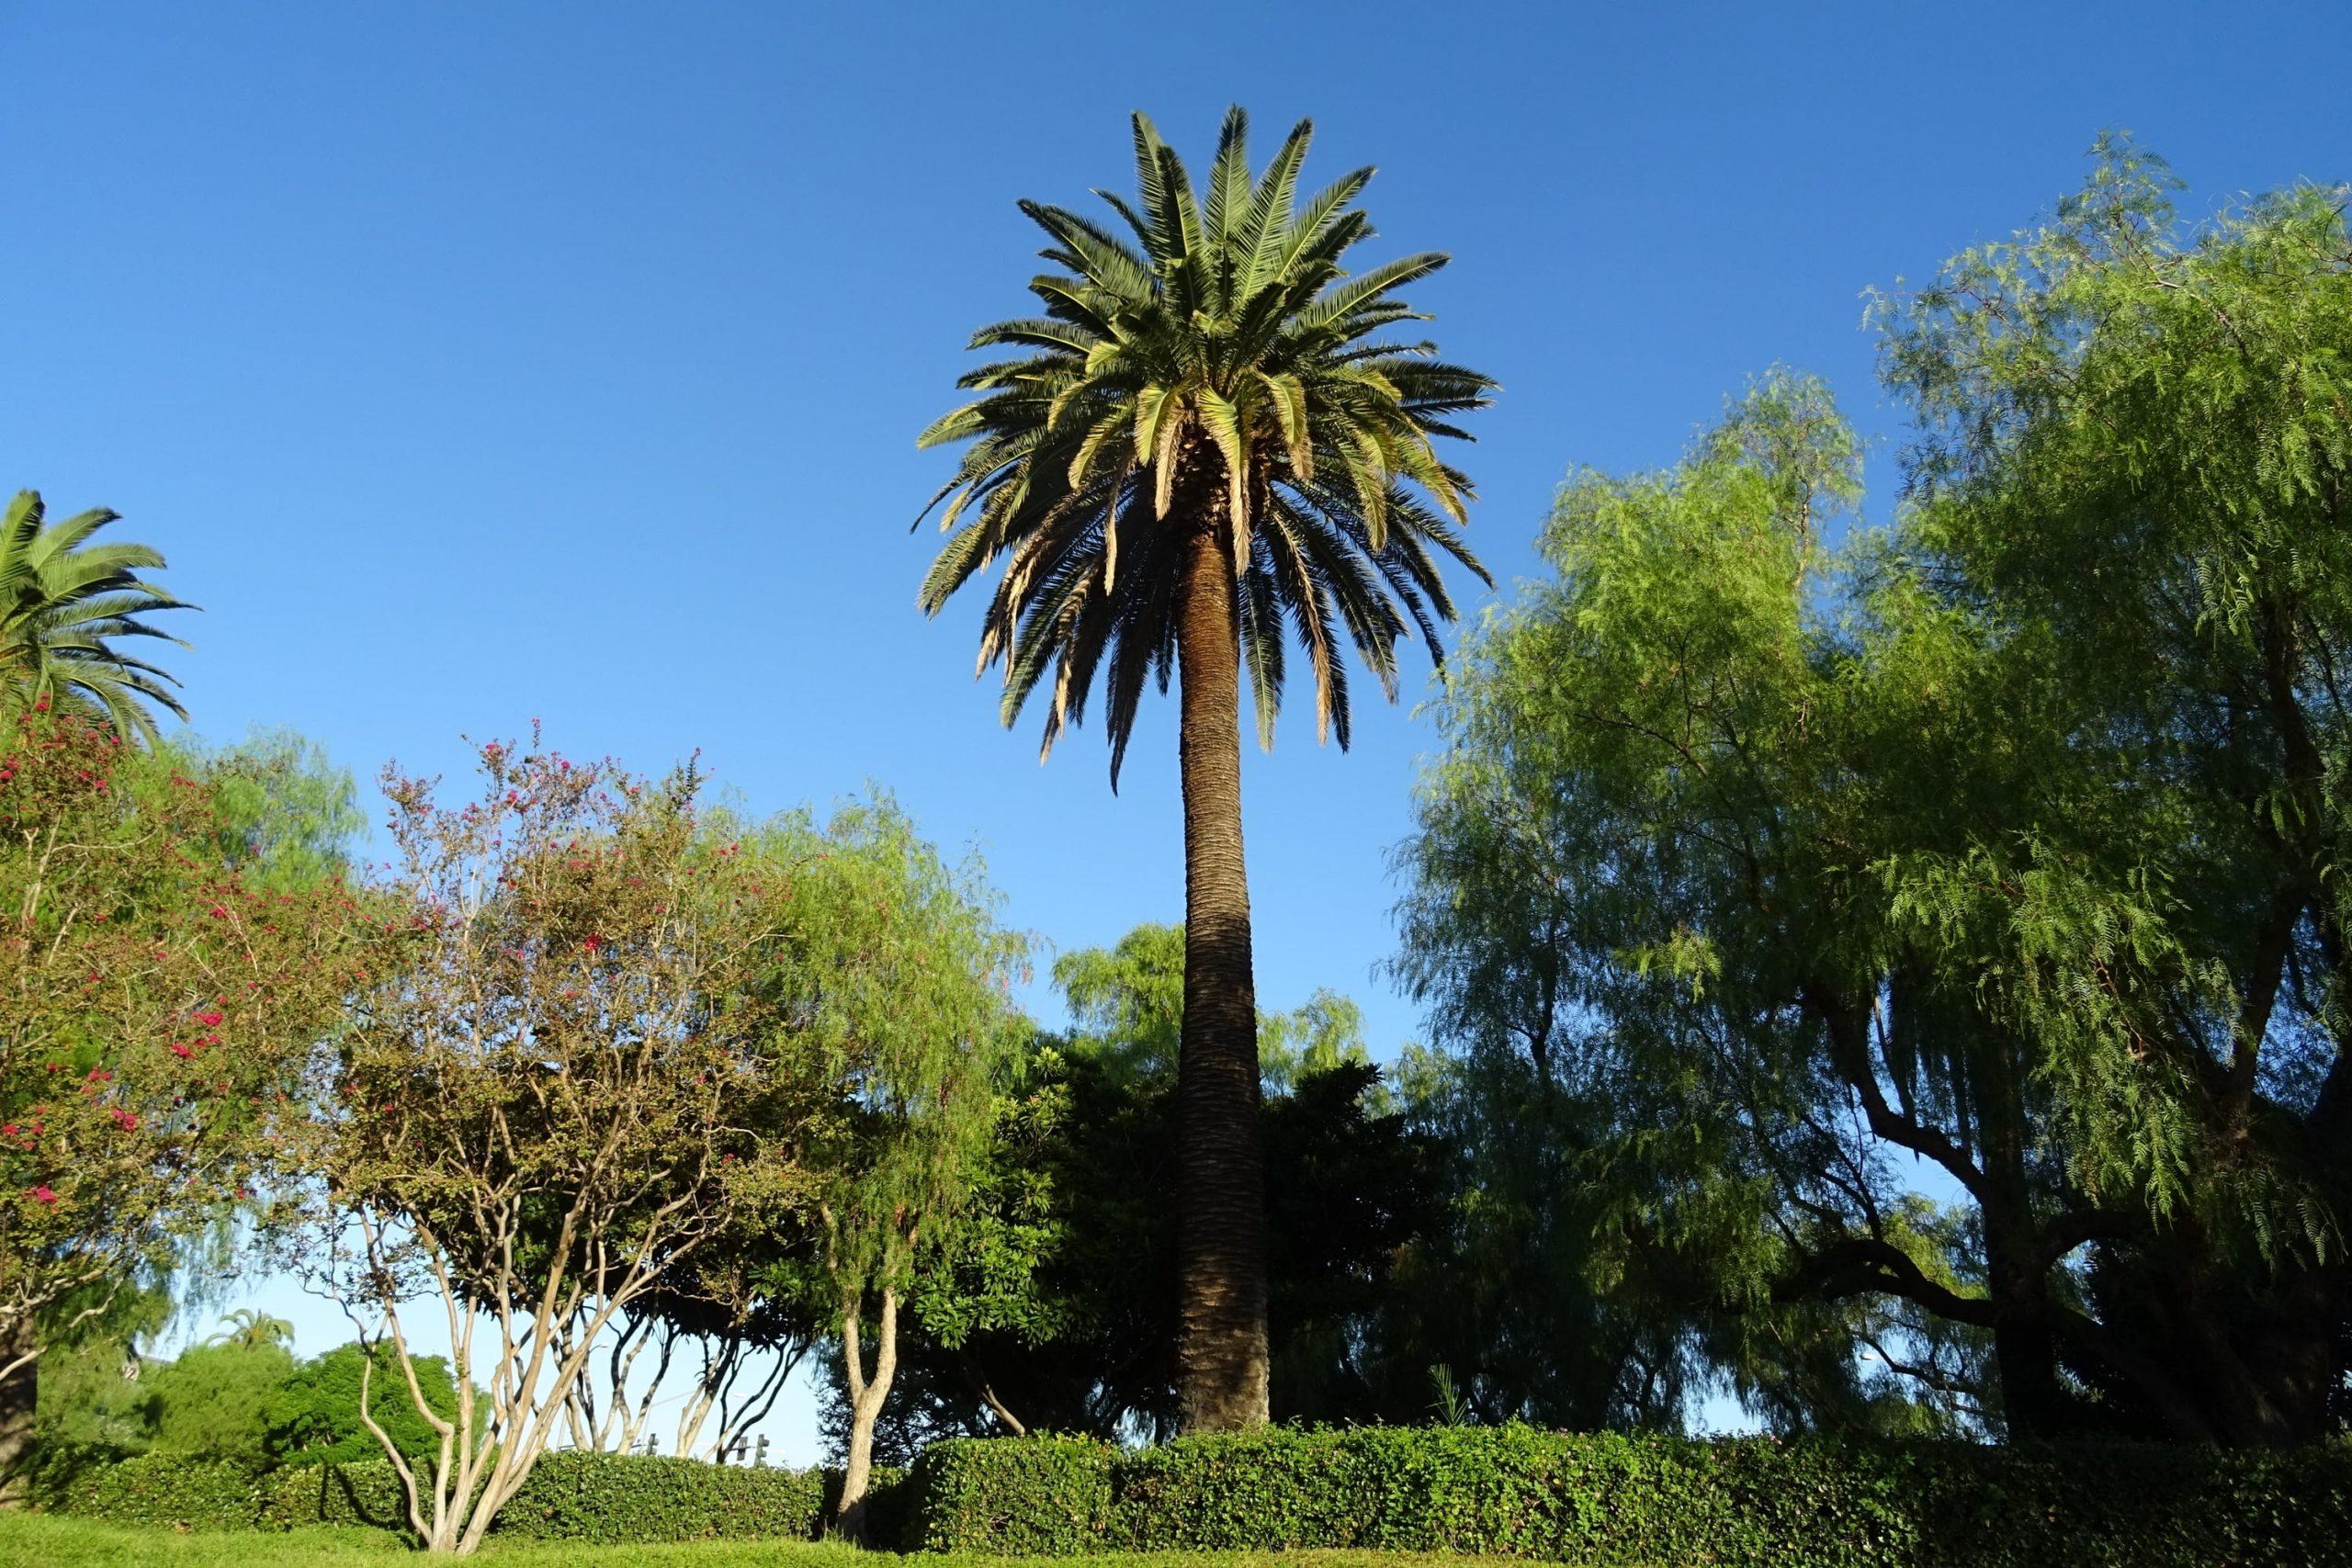 La palmera canaria tiene un solo tronco